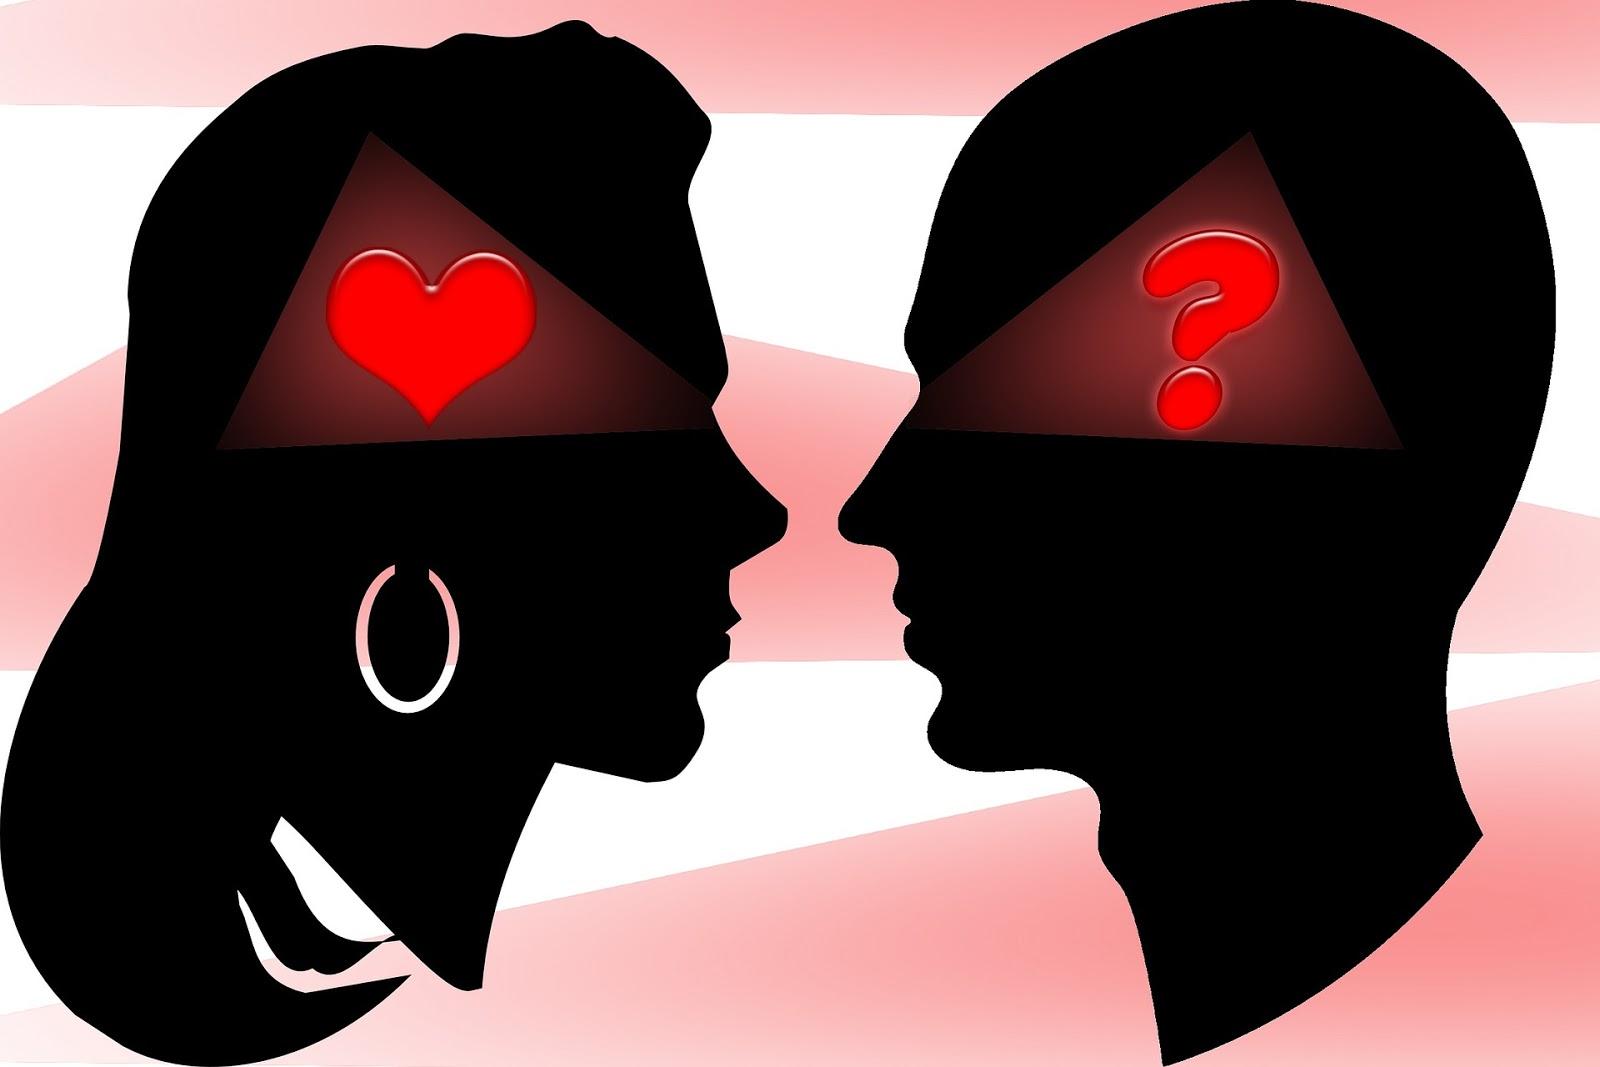 ನಿದ್ರೆ ಬಾರದ ರಾತ್ರಿಗಳು : Kannada Love Story